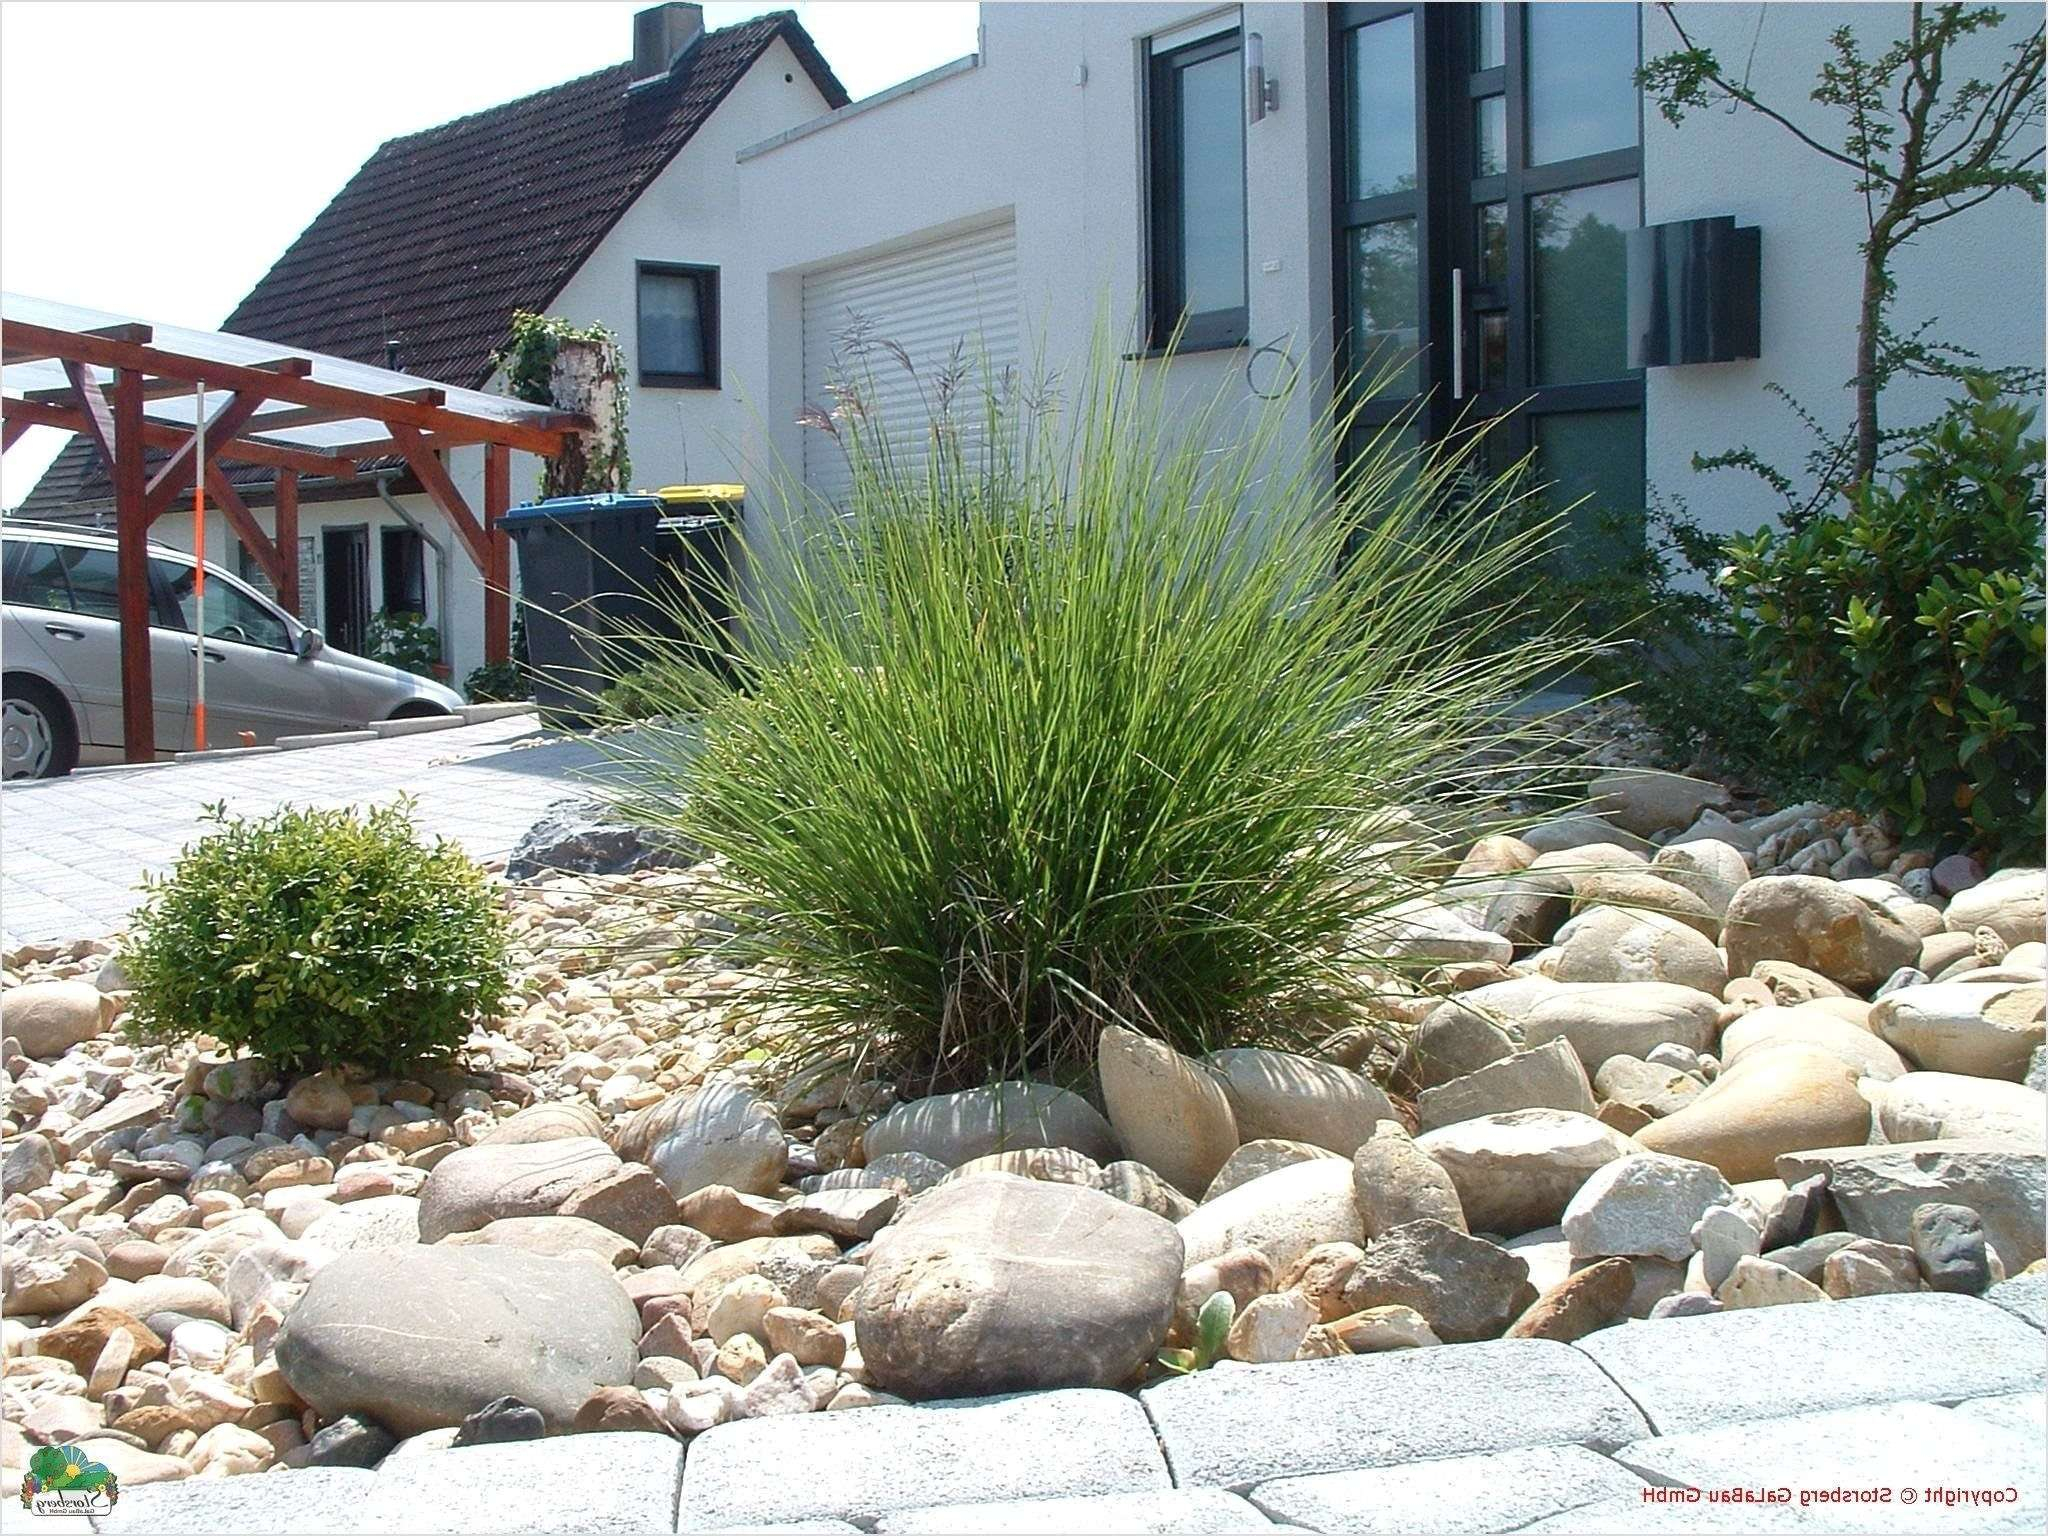 Gartengestaltung Mit Kies Bilder Frisch Wunderbar Garten Neu Gestalten Mit Kies sobhaniformaryland